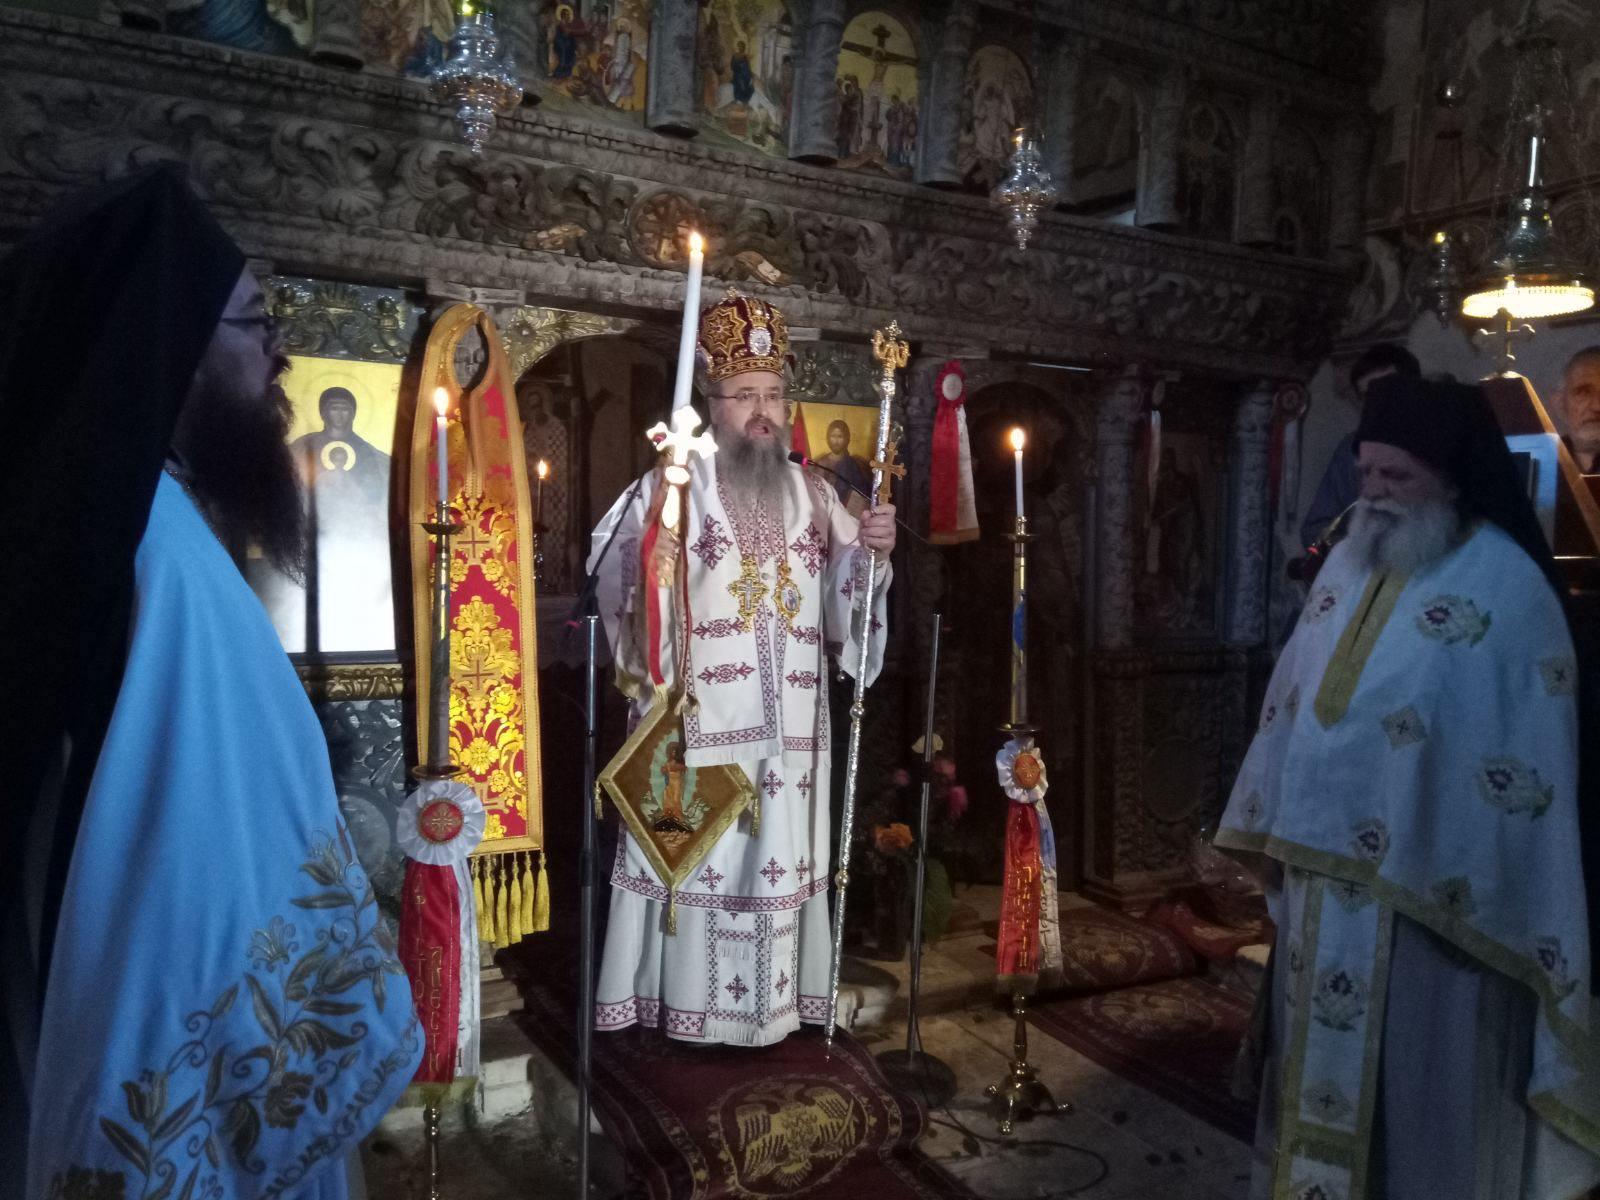 Αρχιερατική Θεία Λειτουργία Αγίου Μεγαλομάρτυρος Χριστοφόρου στο Μοναστήρι Αγίου Ιωάννου